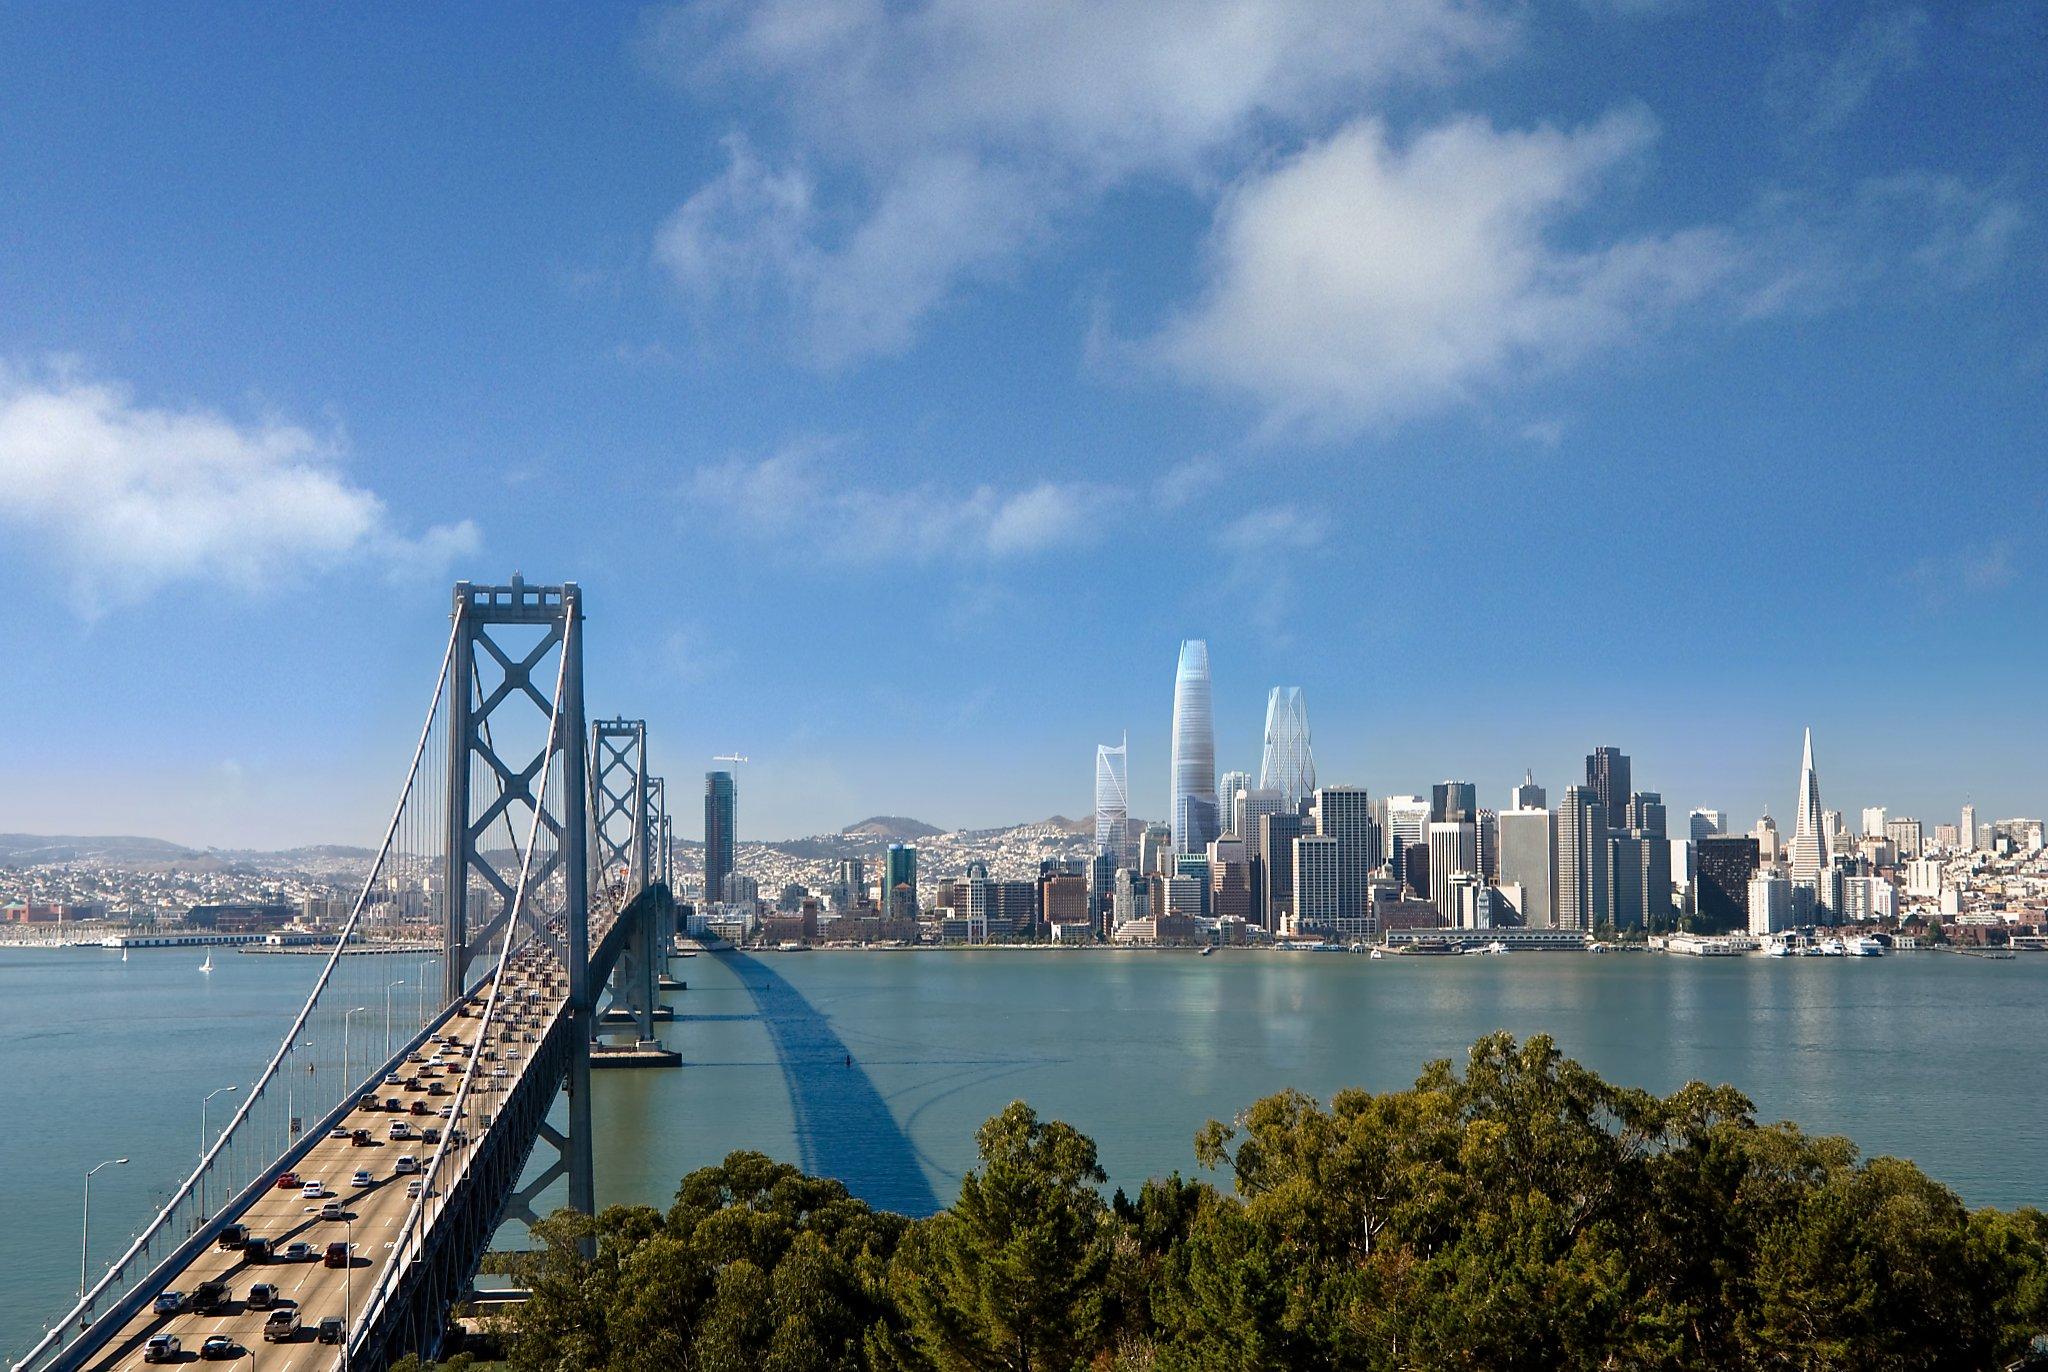 Nơi tốt nhất để sống ở Mỹ - San Francisco, California